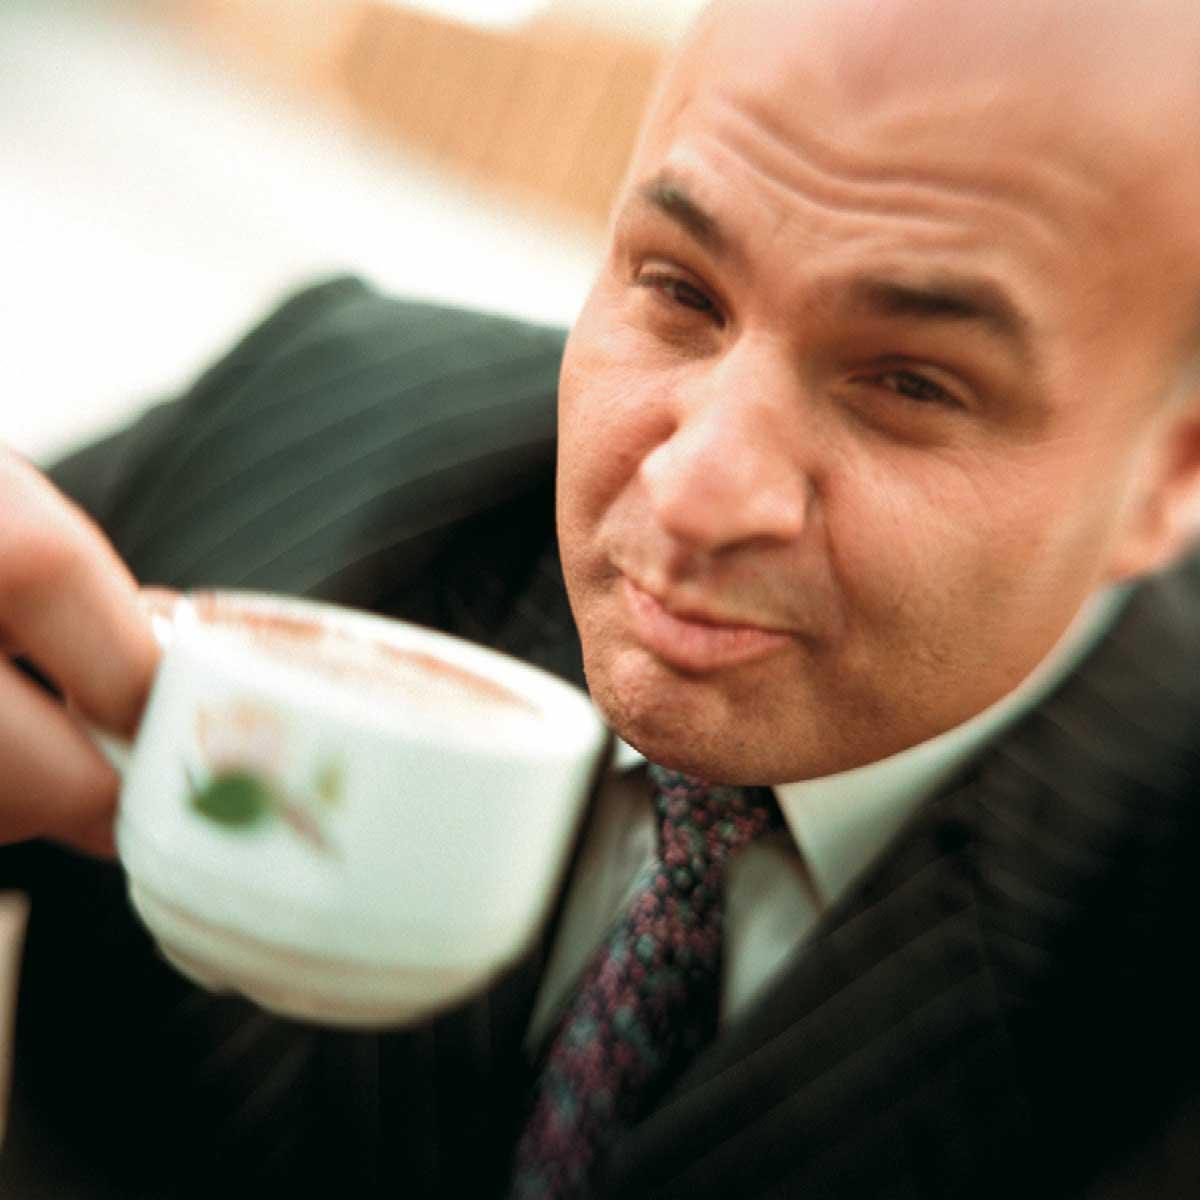 Ein Mann verkostet Kaffee im haeferl